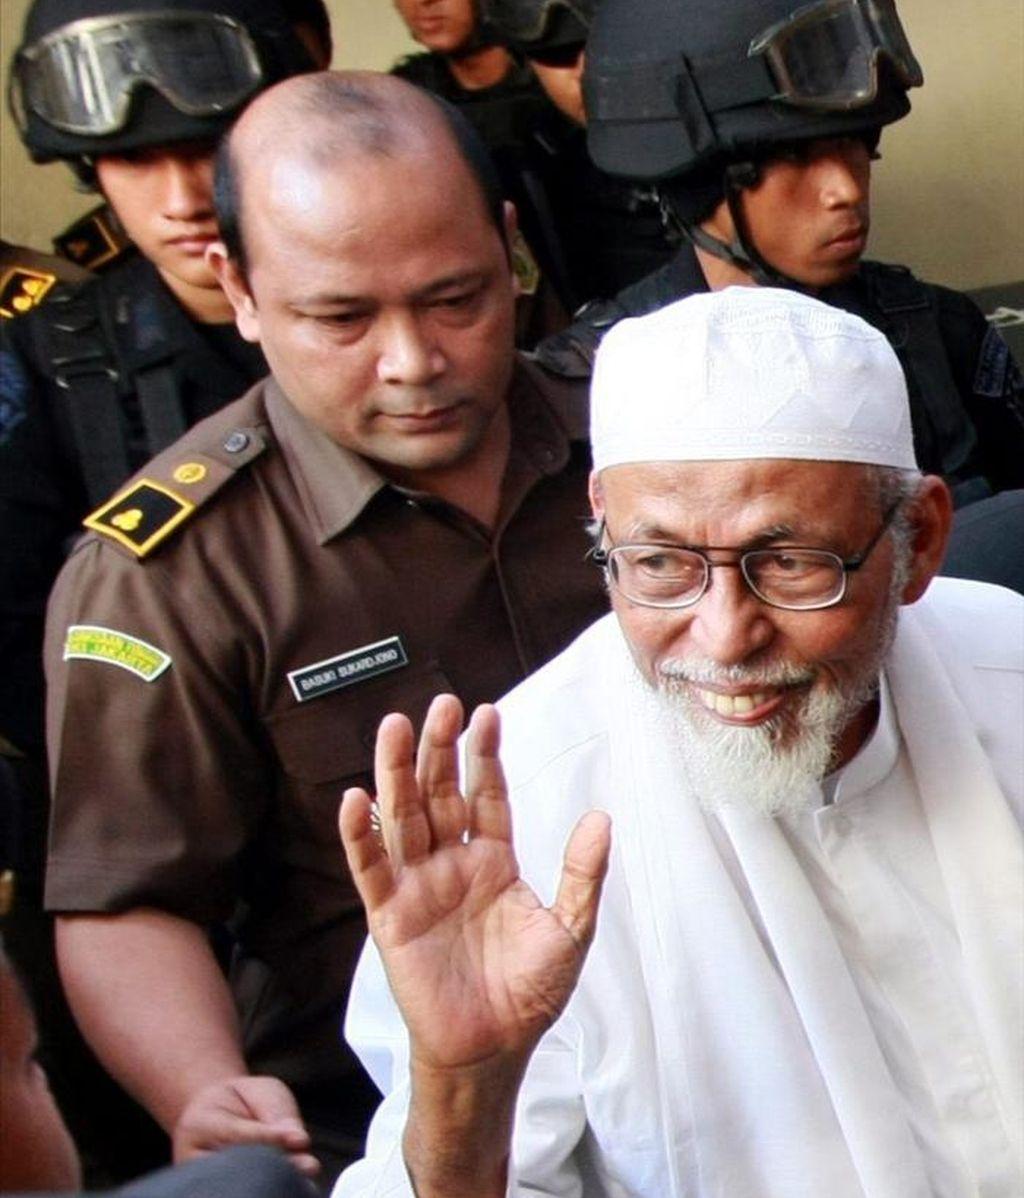 El clérigo indonesio Abu Bakar Bashir saluda a los periodistas durante su juicio por terrorismo en Yakarta (Indonesia). EFE